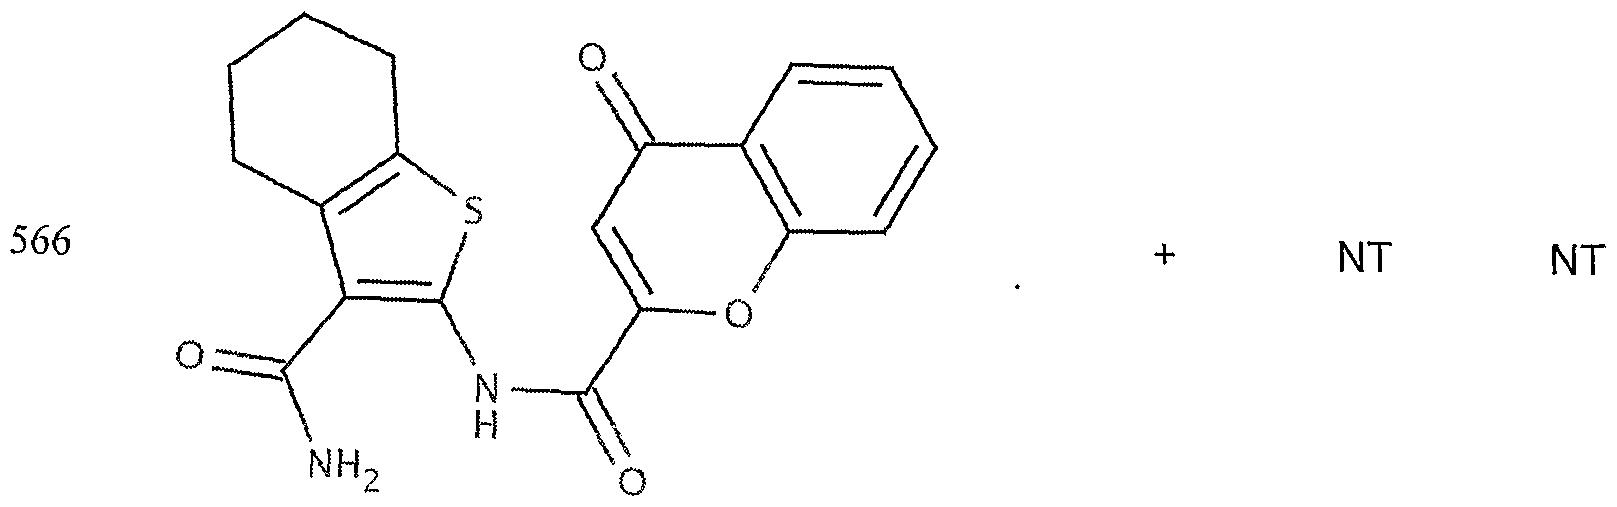 Figure imgf000219_0002